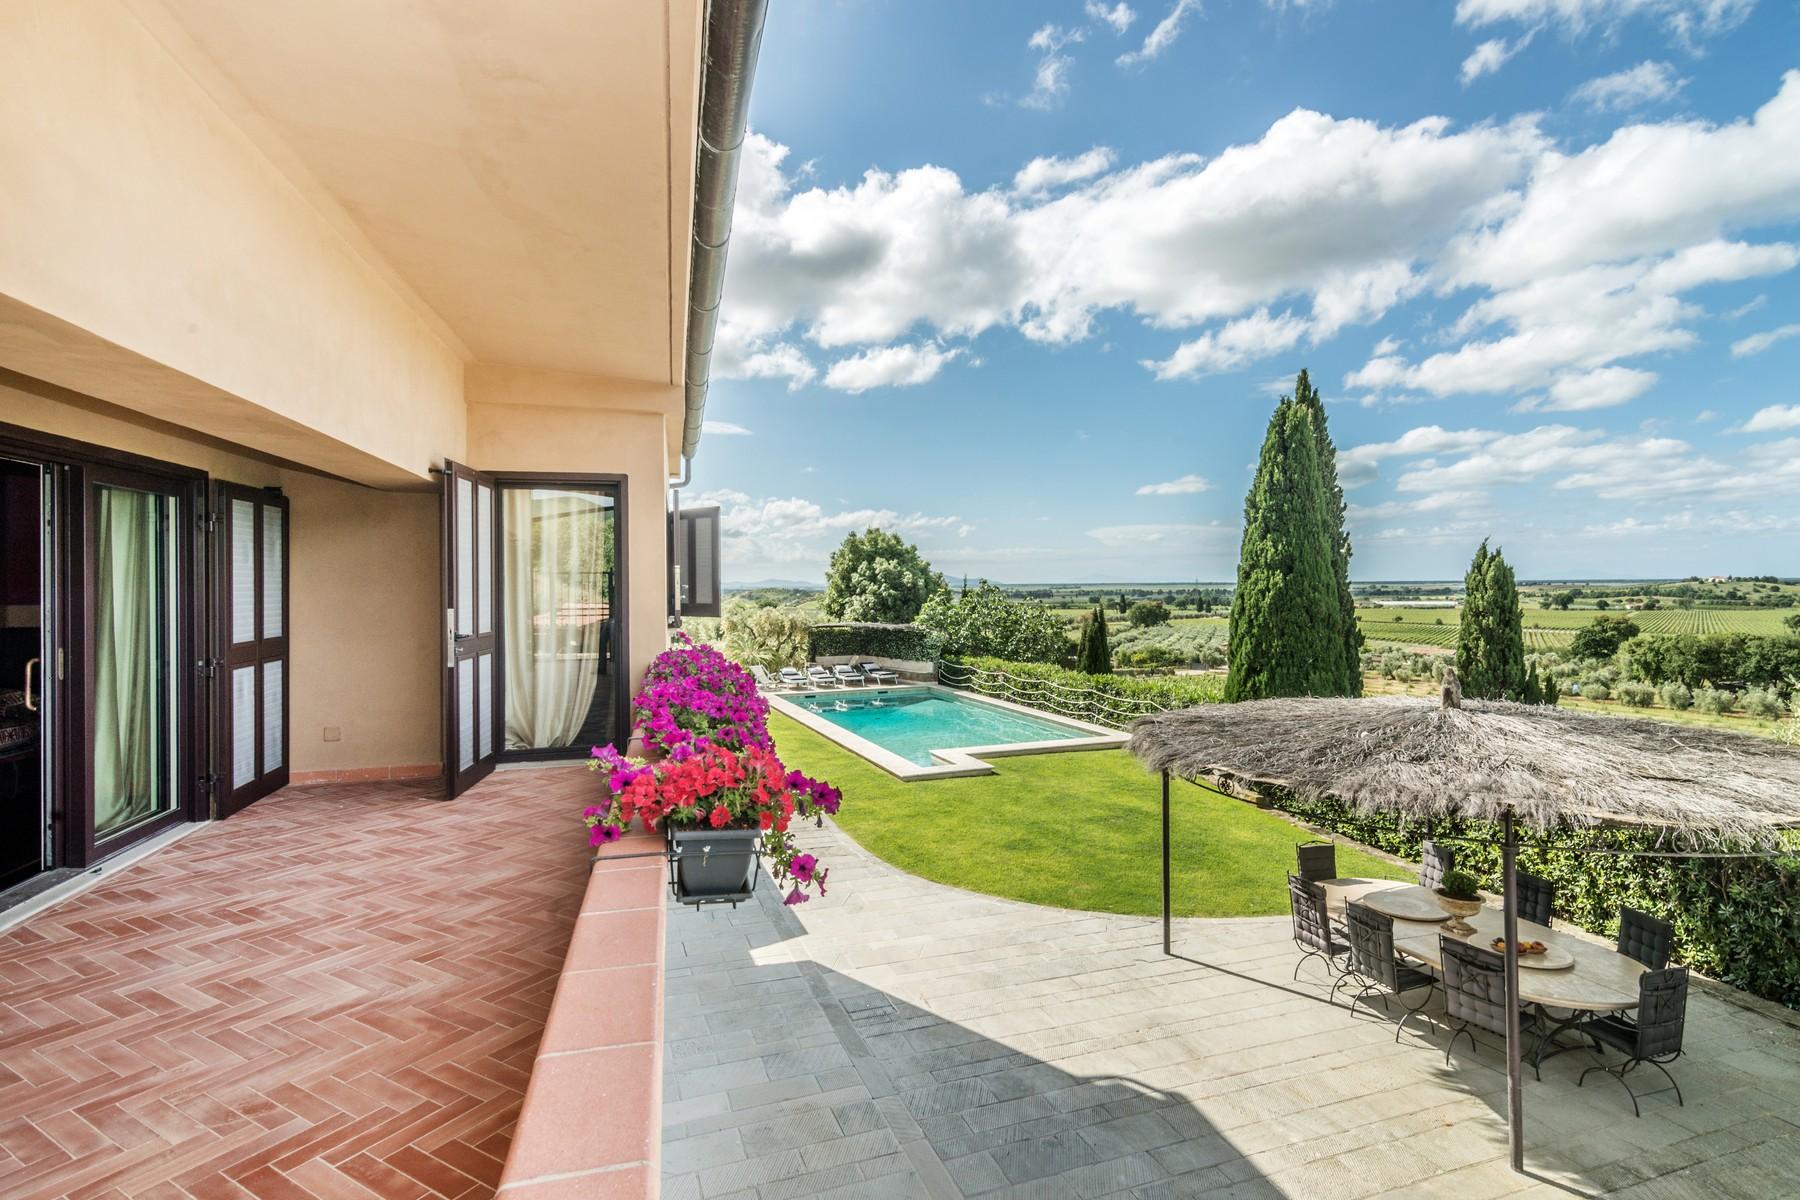 Villa in Vendita a Castiglione Della Pescaia: 5 locali, 850 mq - Foto 4